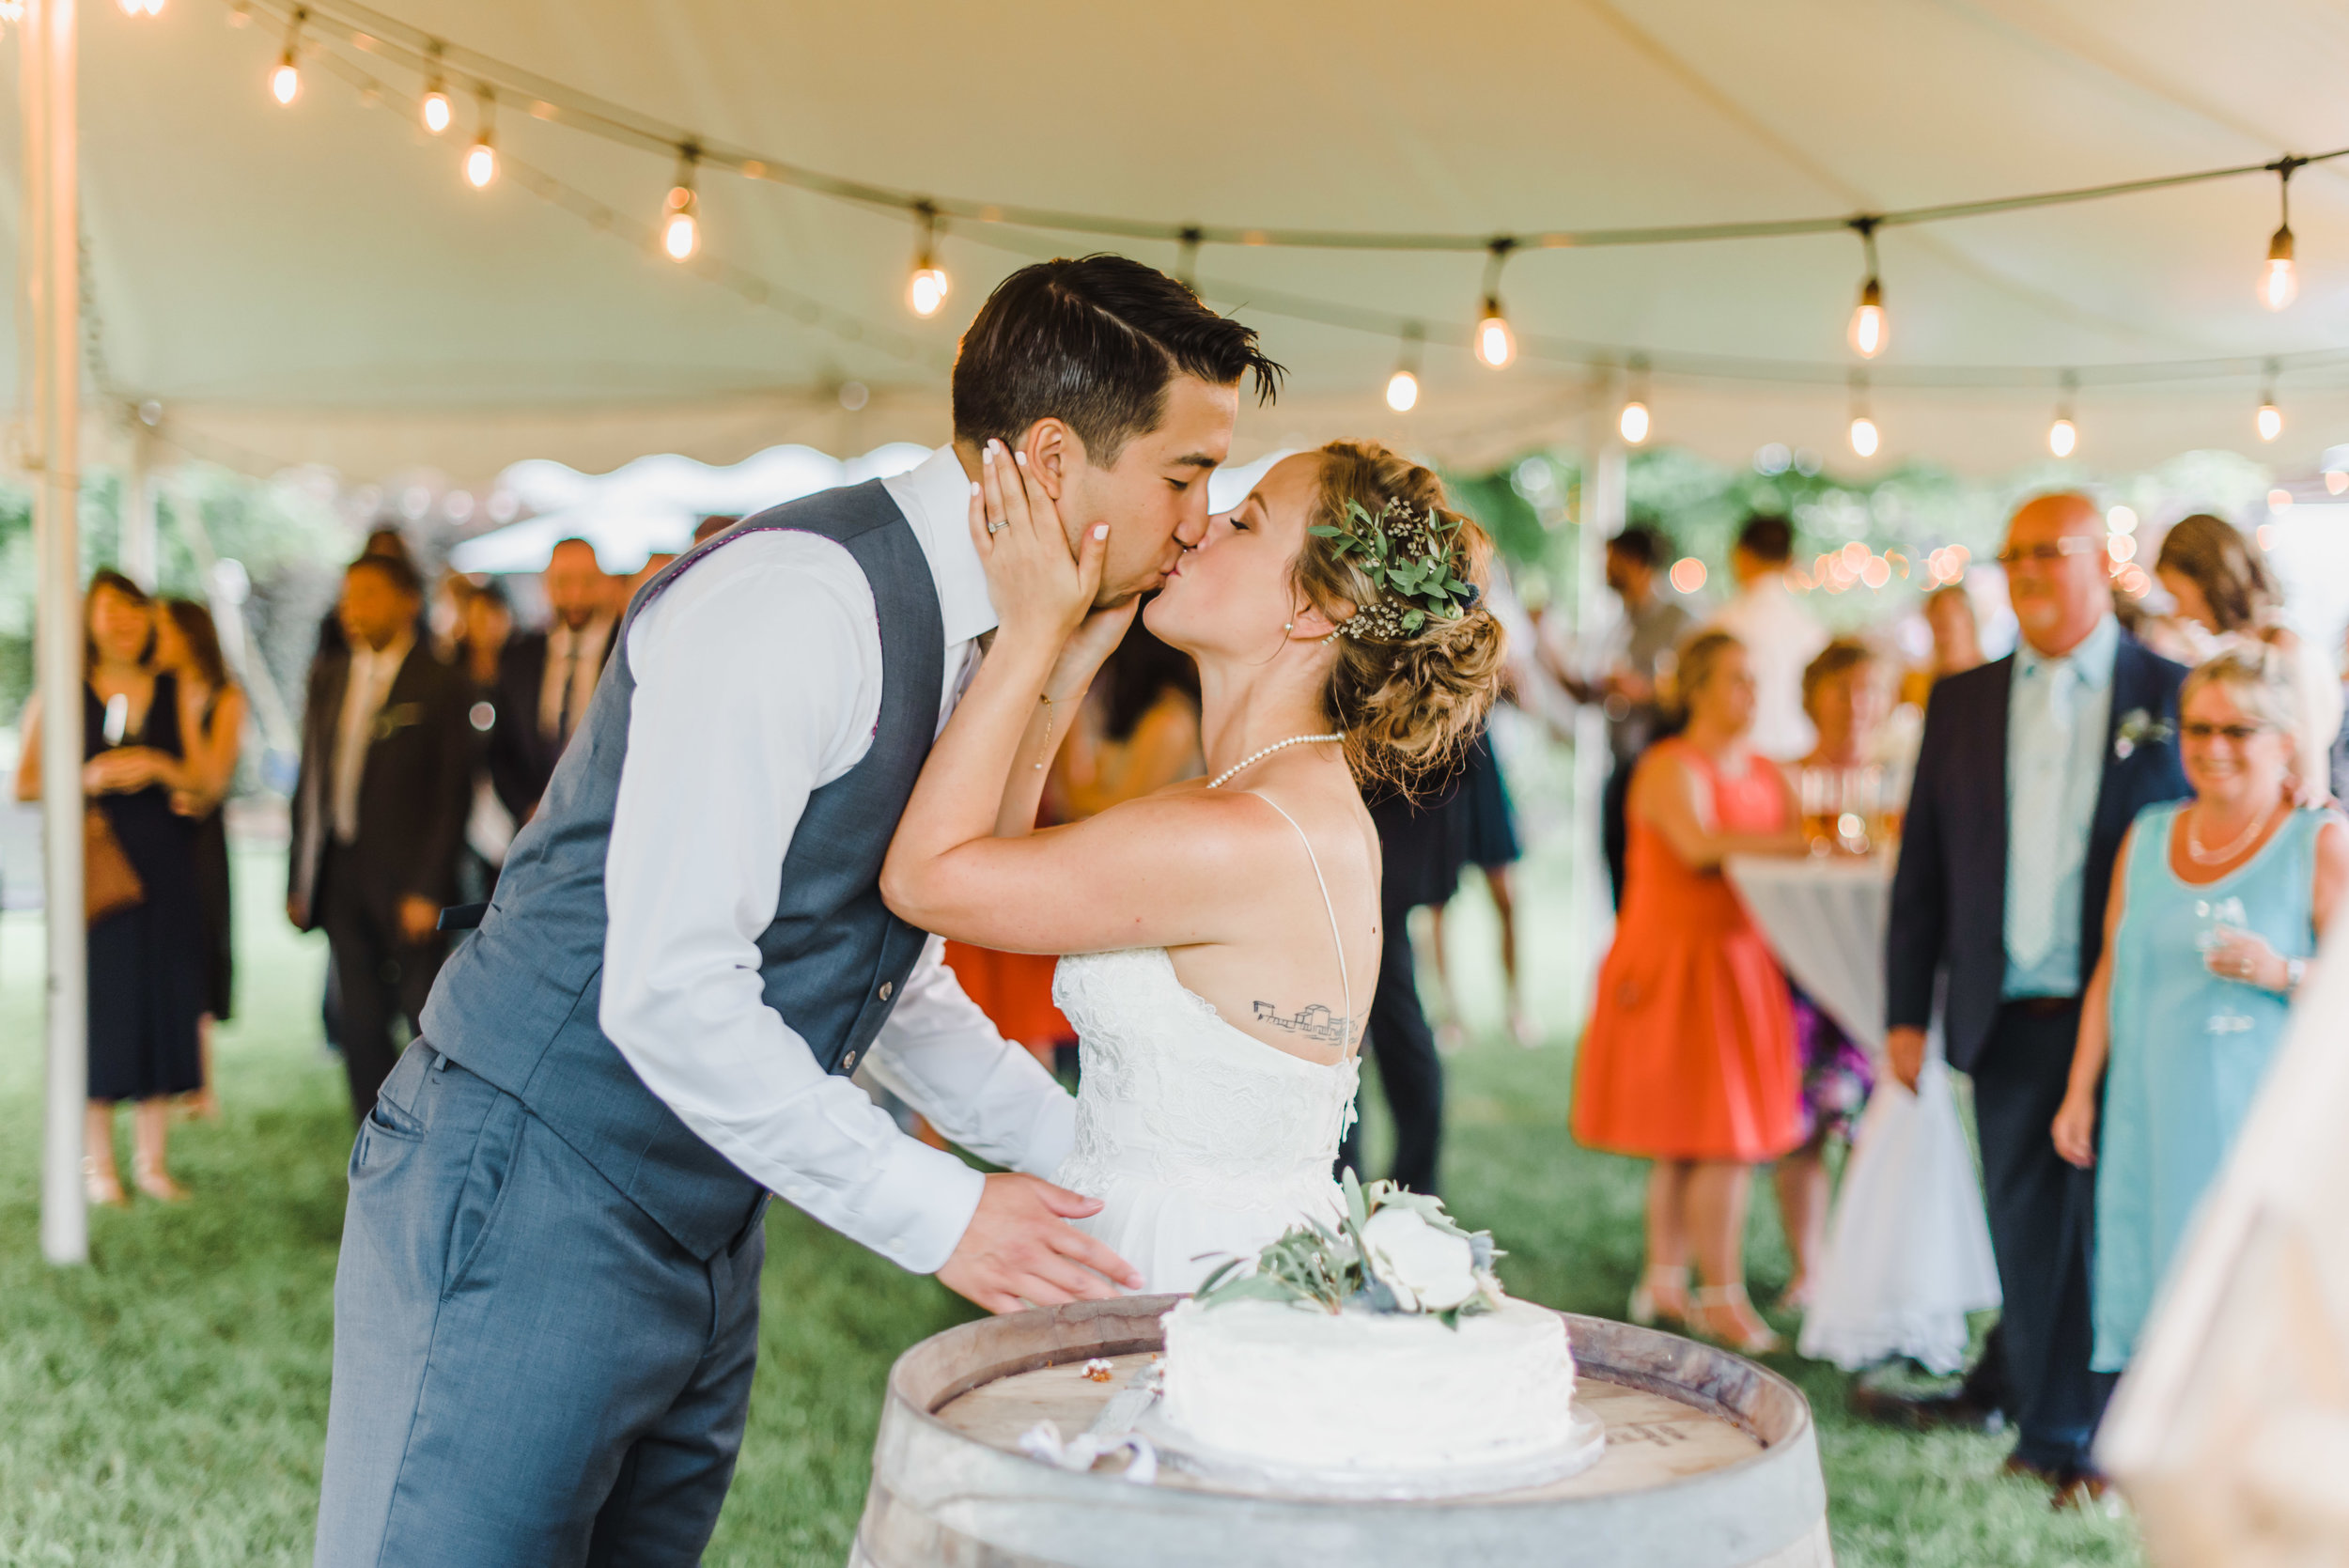 2019-07-06 Becca + Warren Wedding HIGHLIGHTS-257.jpg